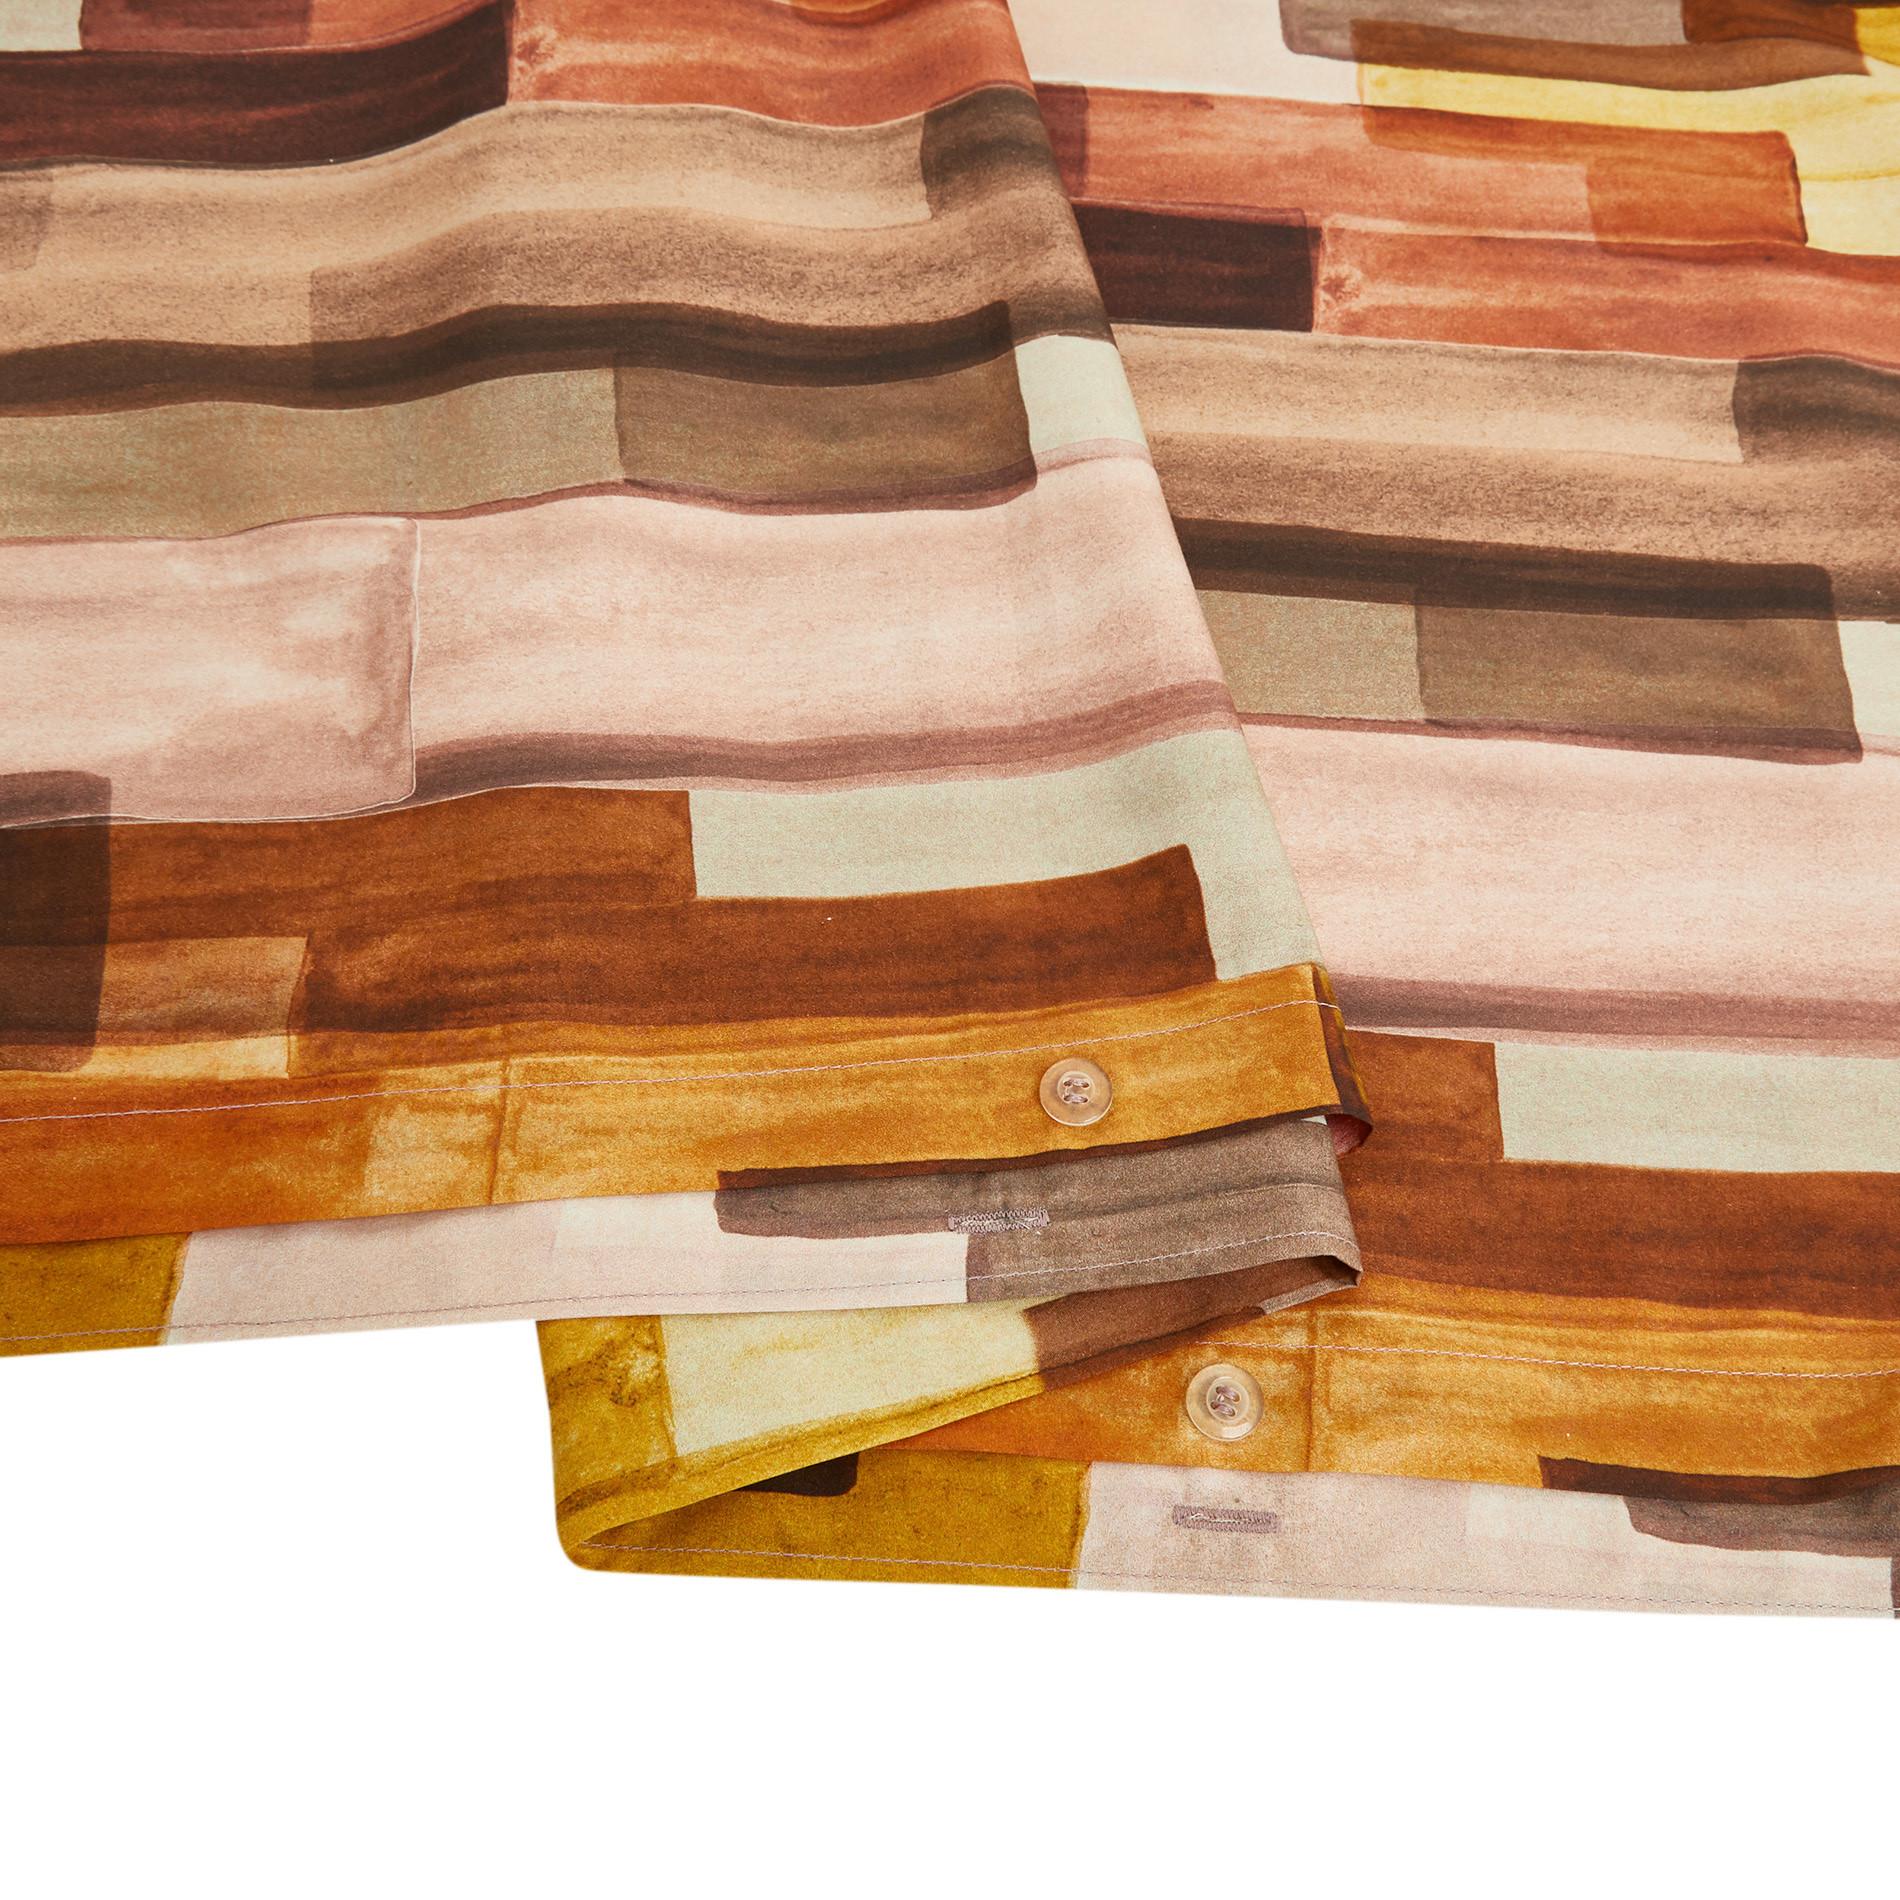 Copripiumino cotone percalle fantasia piastrella, Multicolor, large image number 3